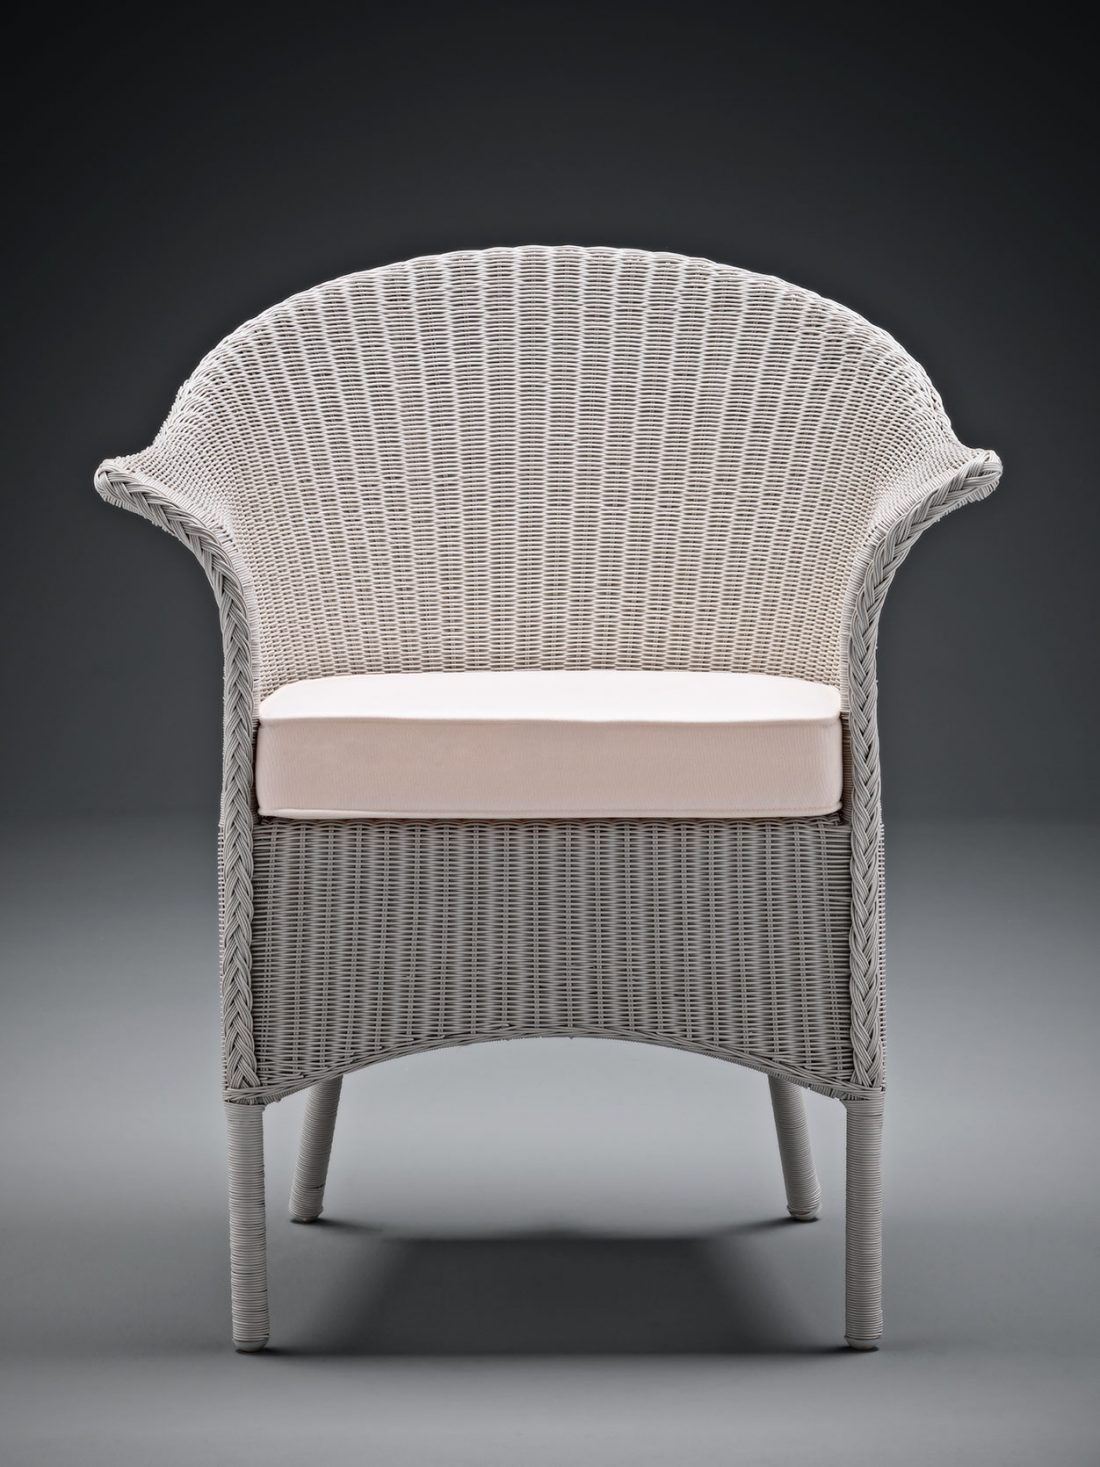 Lloyd Loom Outdoor Chairs